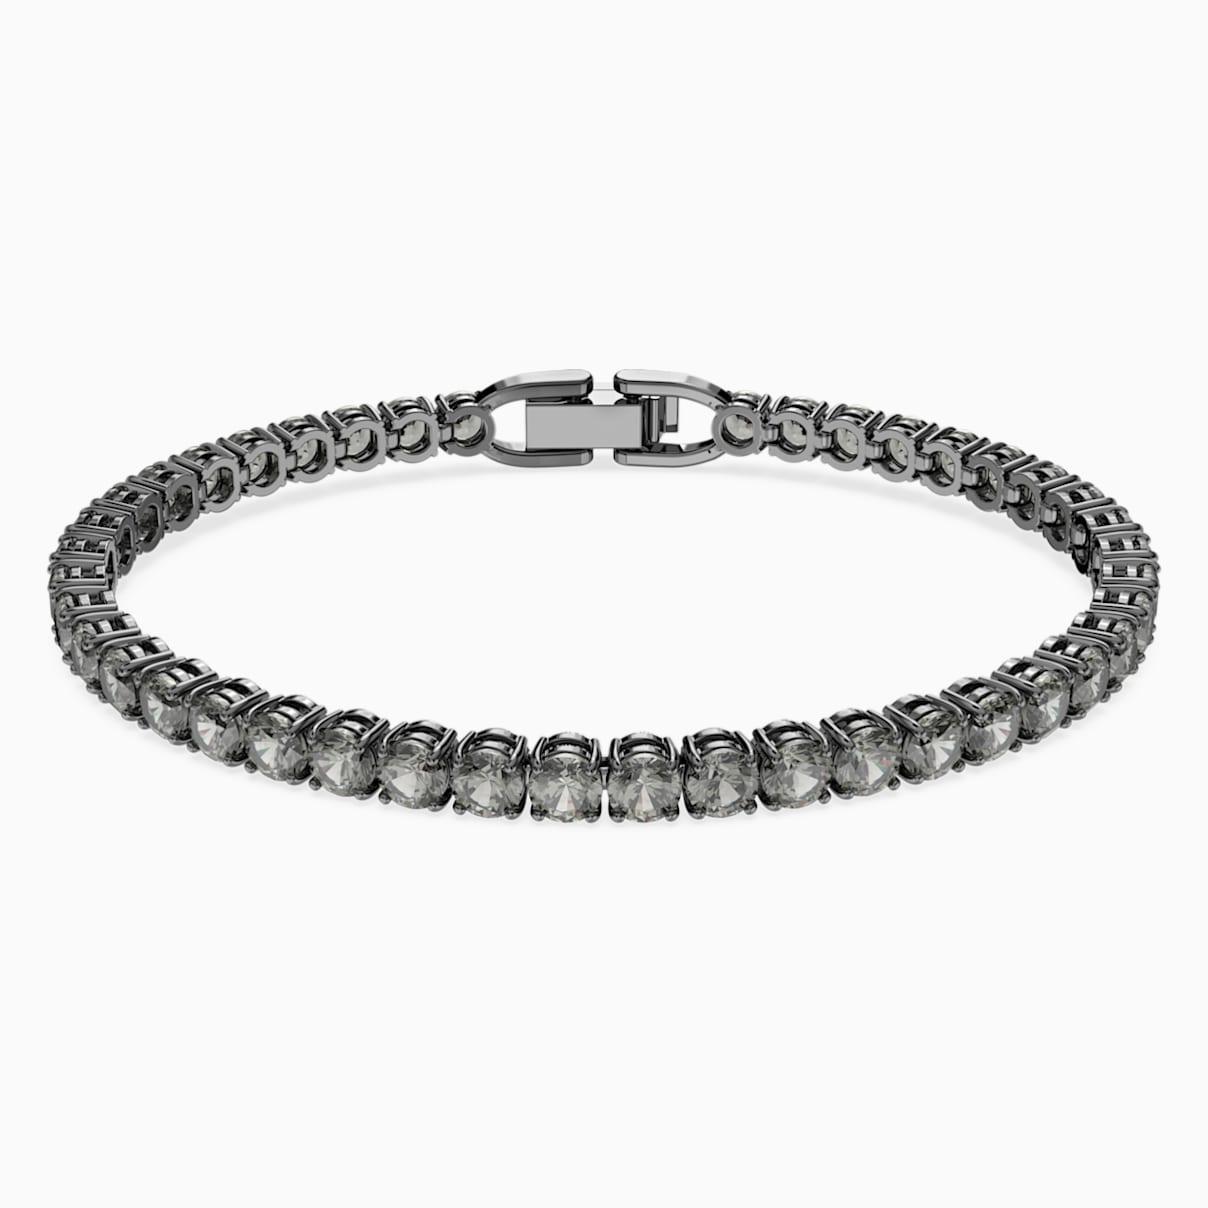 Bracelet tennis deluxe noir métal plaqué ruthénium